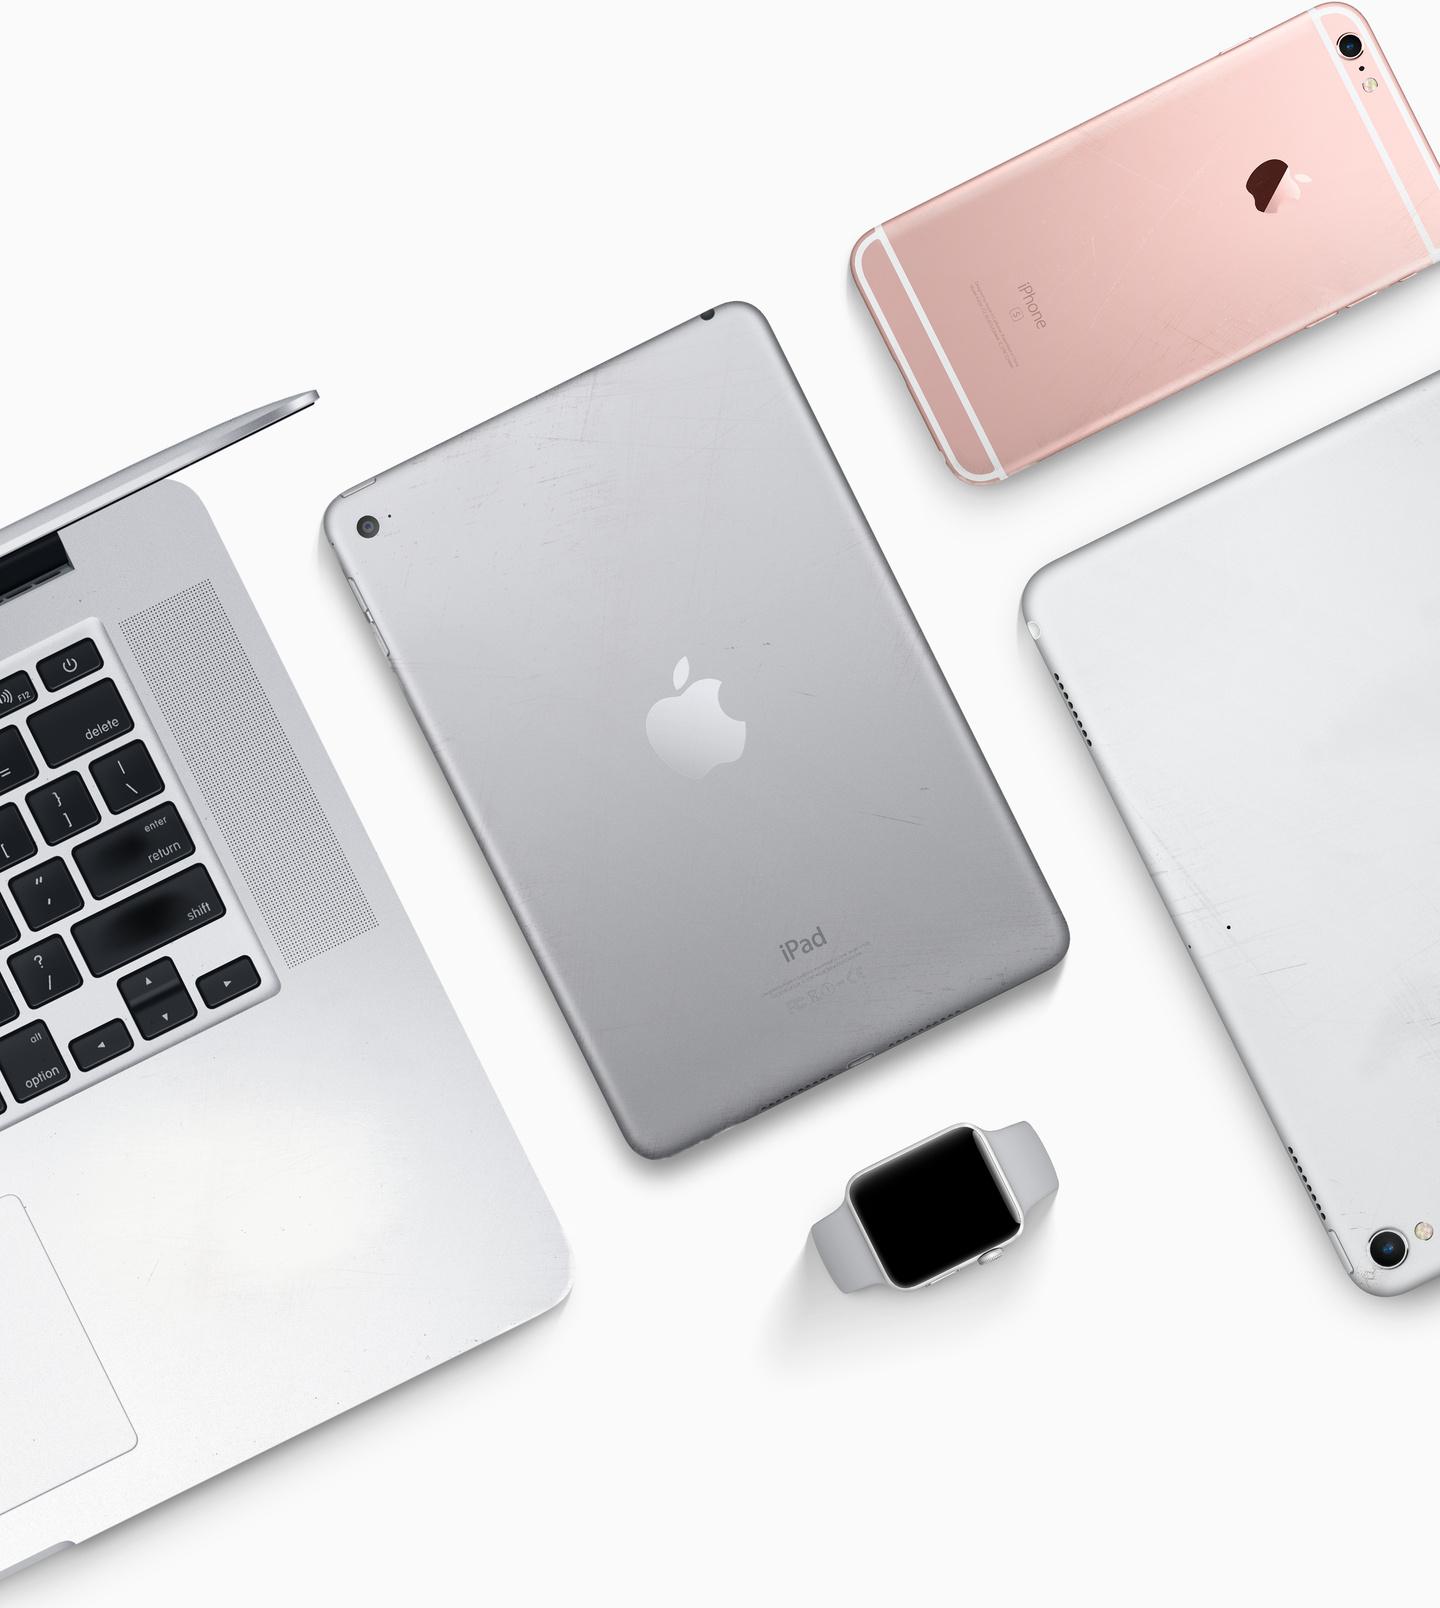 Apple mở chương trình thu smartphone Android cũ lấy iPhone mới, đổi đi chờ chi! - Ảnh 3.